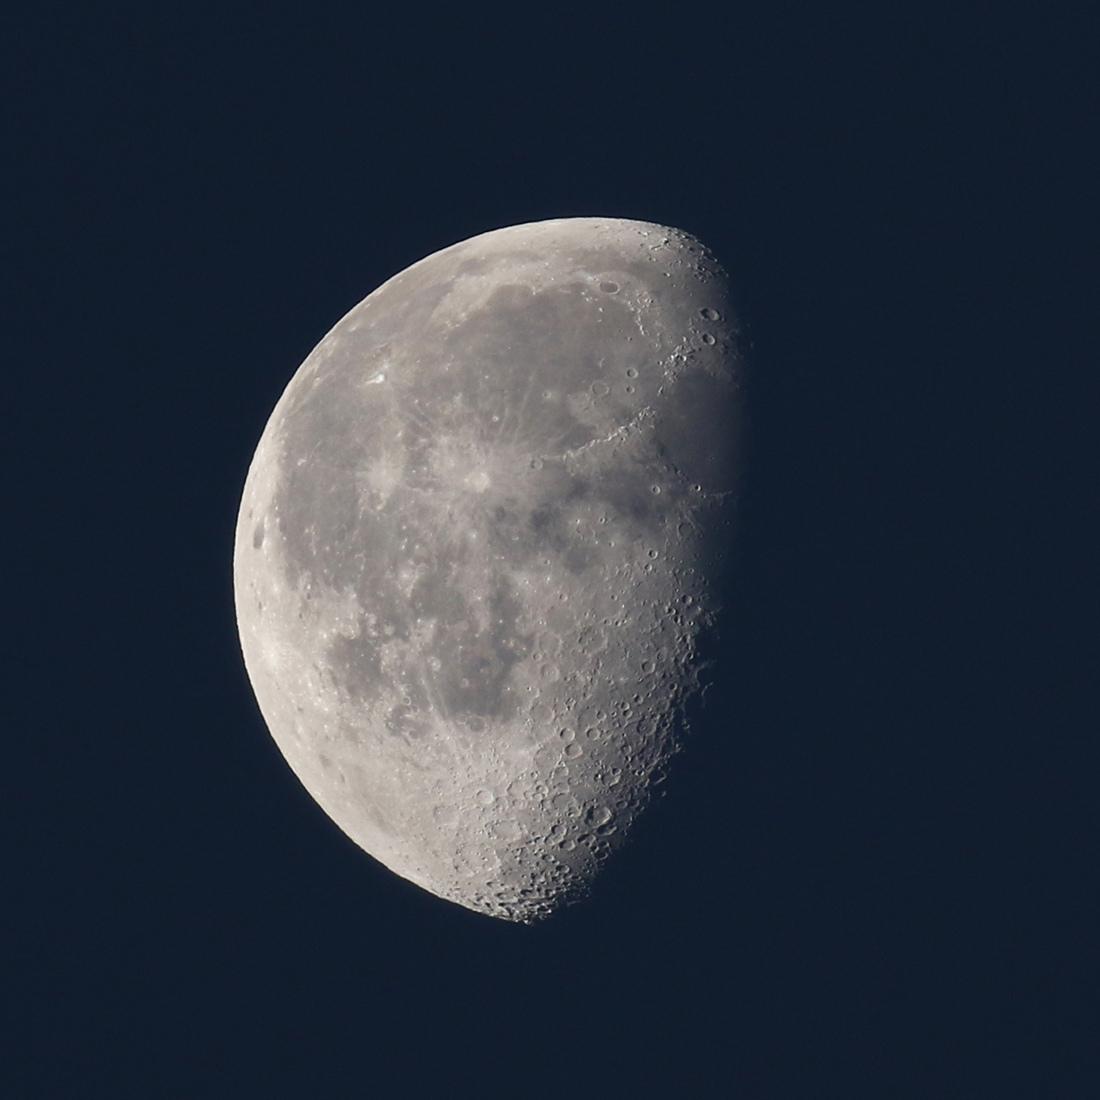 la lune, au matin du 28/11/2018 (52810/821)